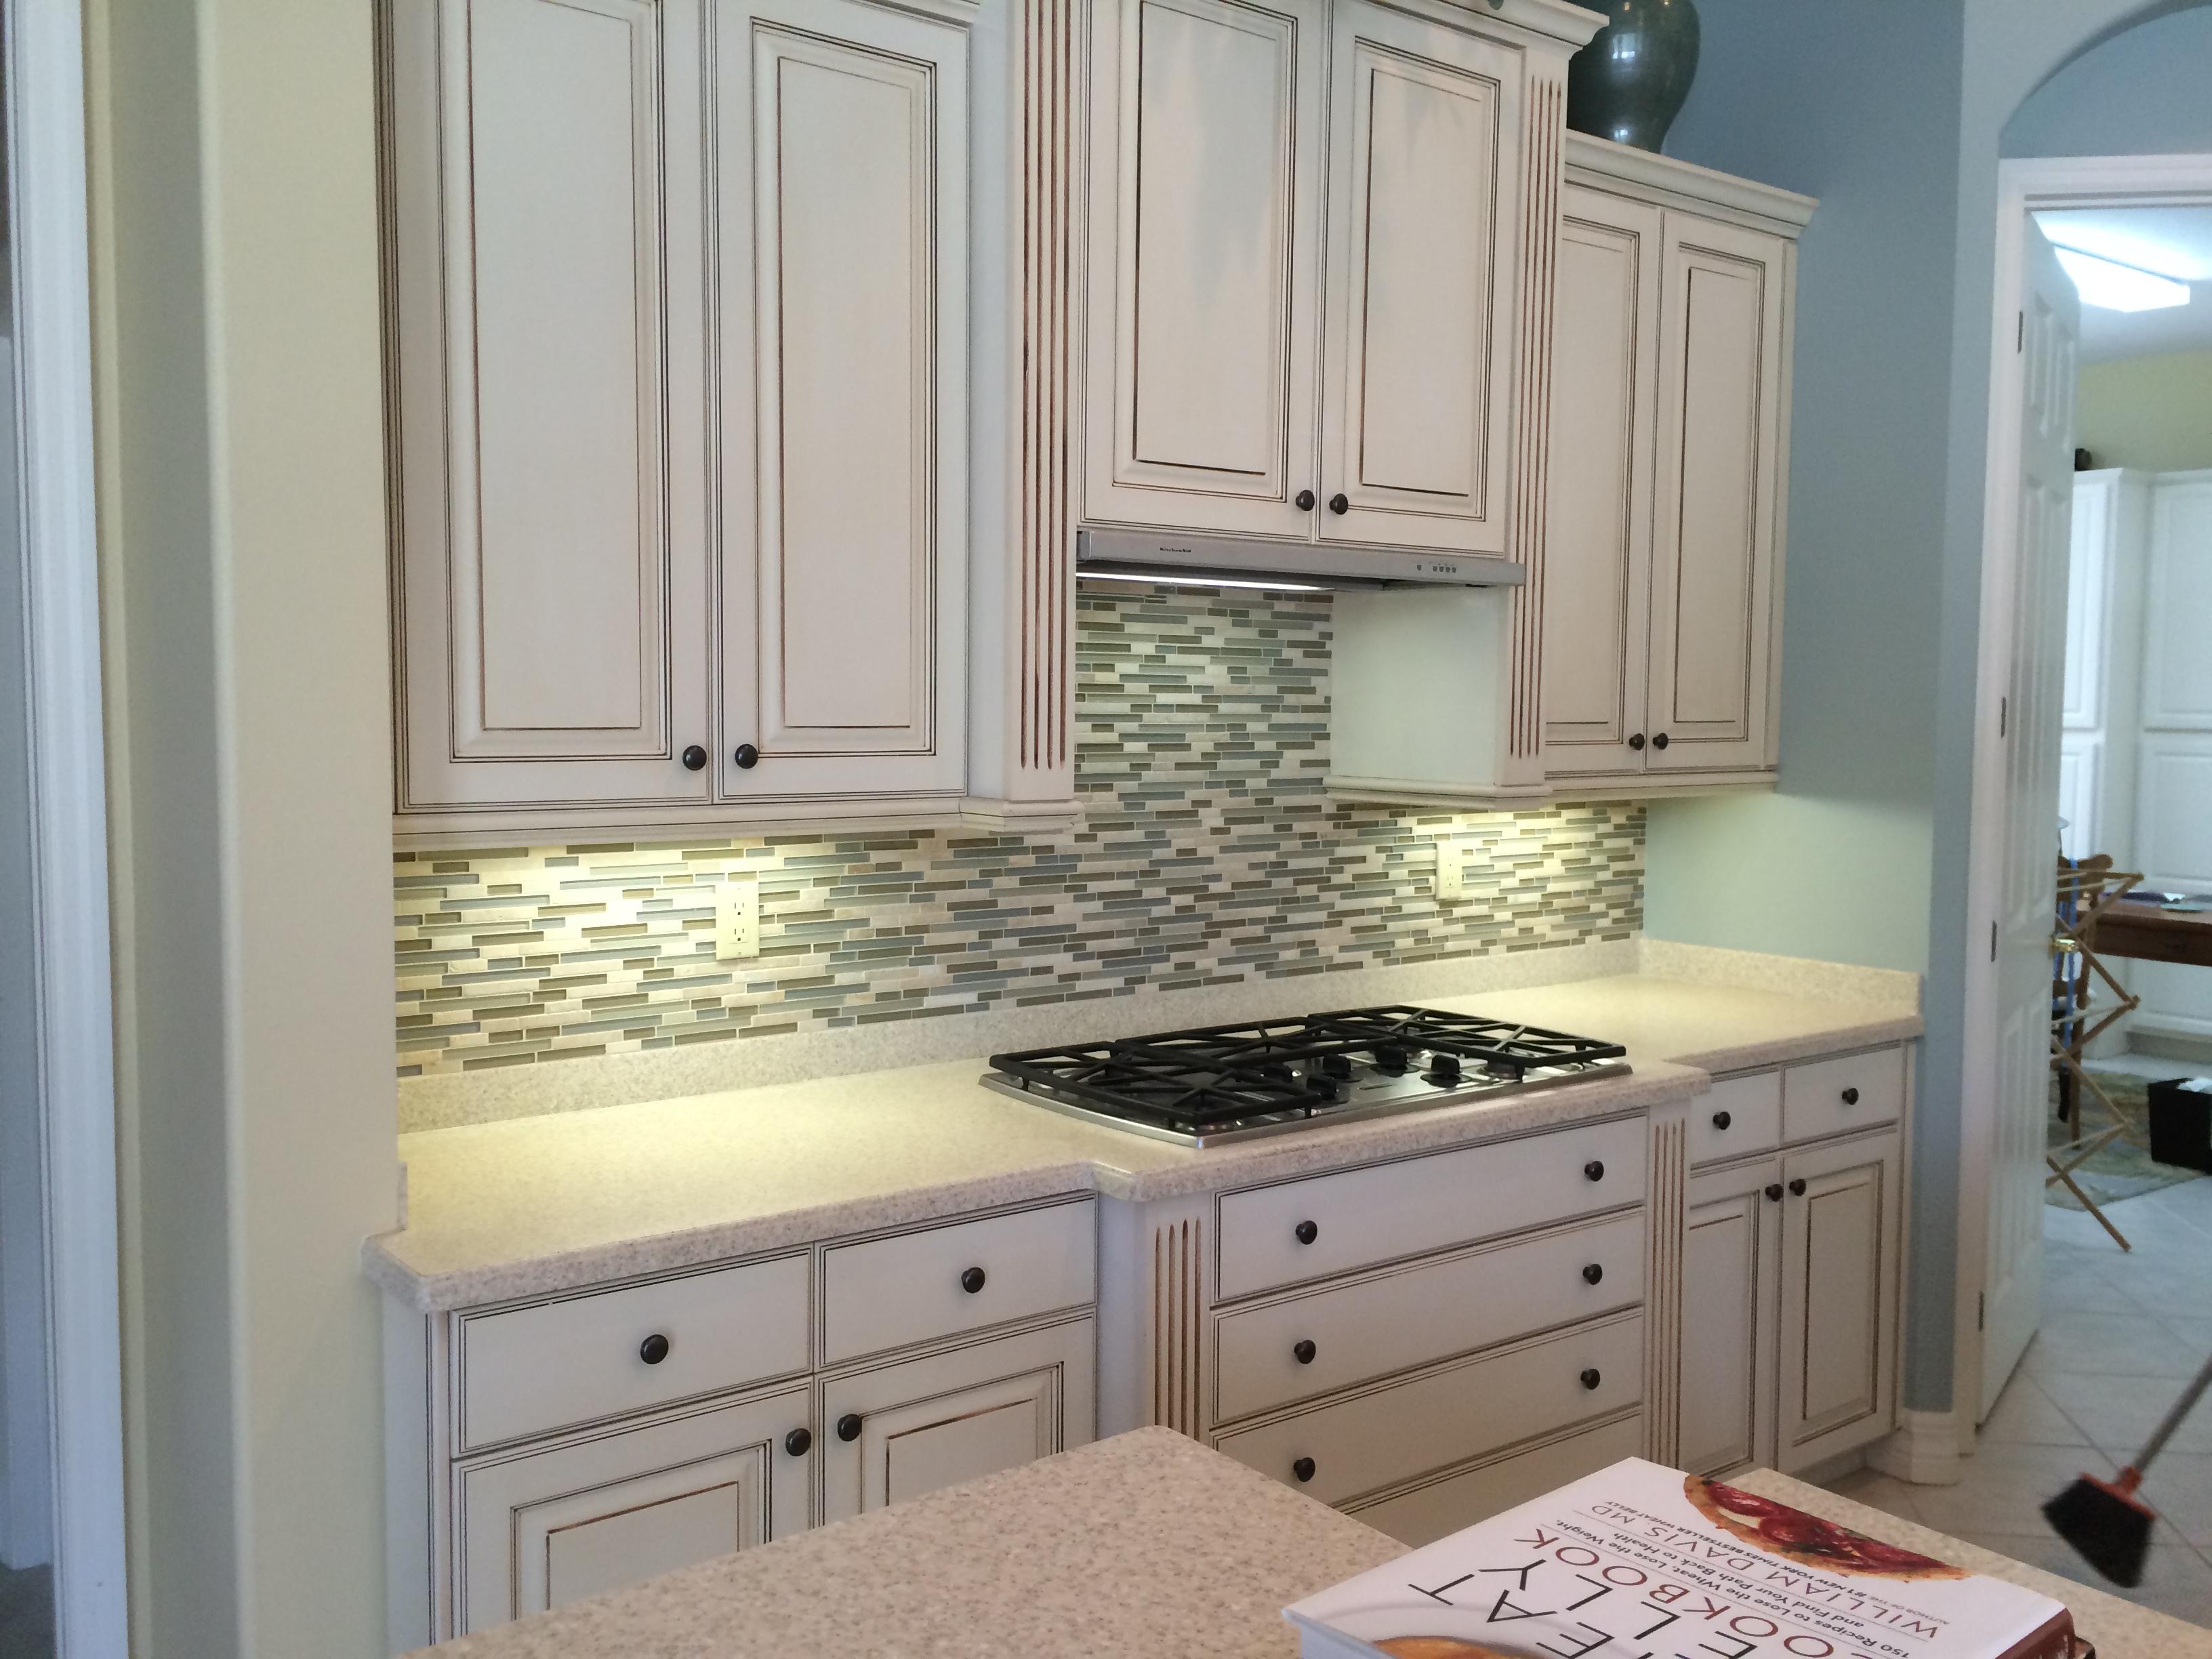 Bathroom remodeling contractor sarasota florida - Sarasota Tiling Olivier Caletti Tile Co